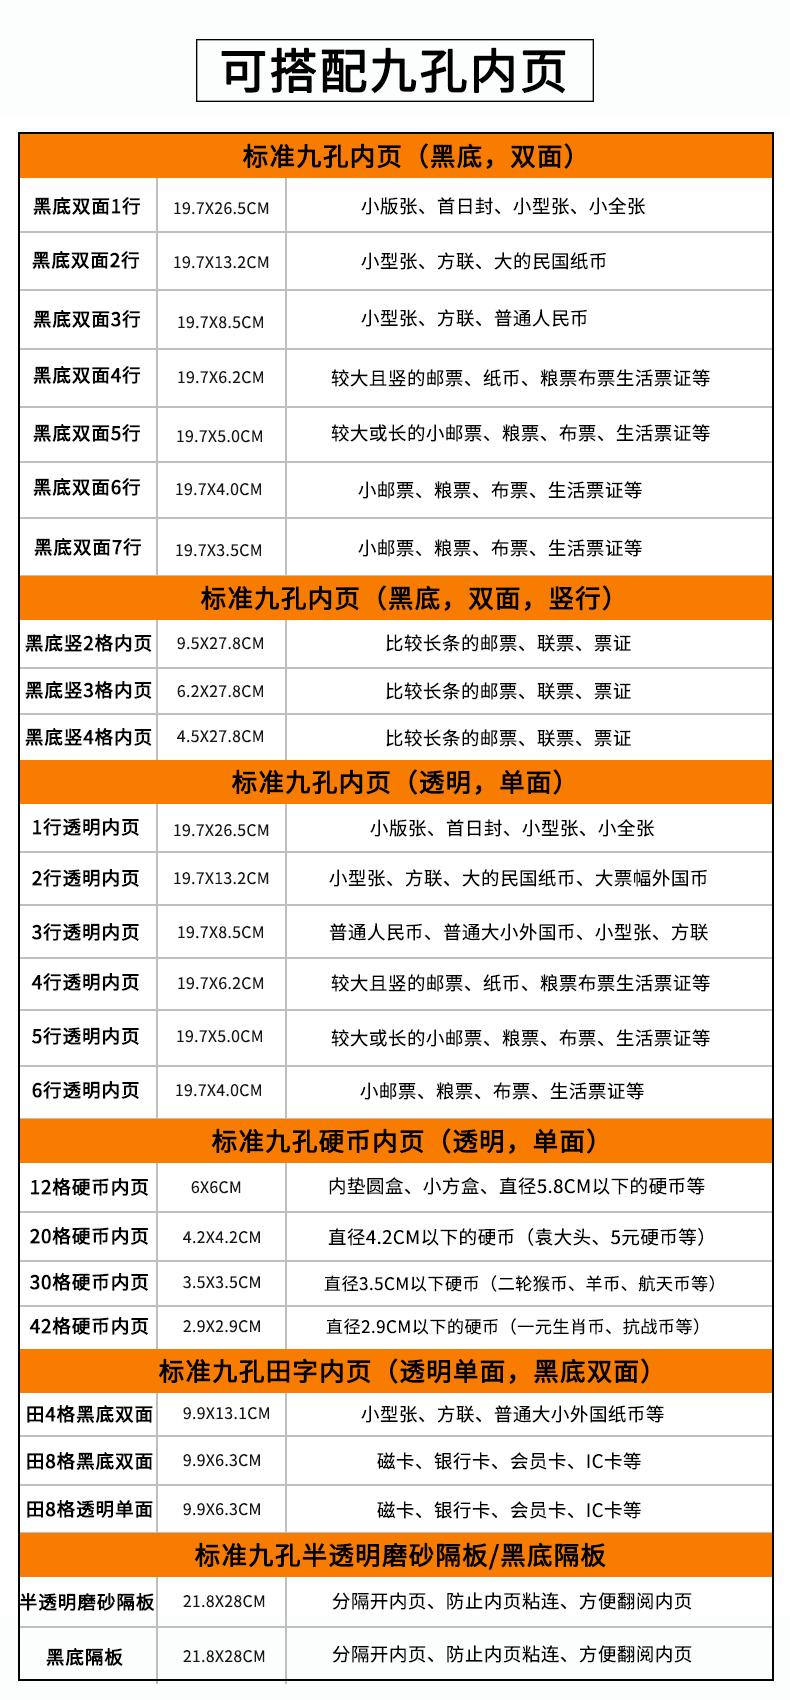 #熱賣店家#明泰PCCB豪華竹節多功能錢幣收藏冊紙幣硬幣二合一防氧化保護冊(200元起購)